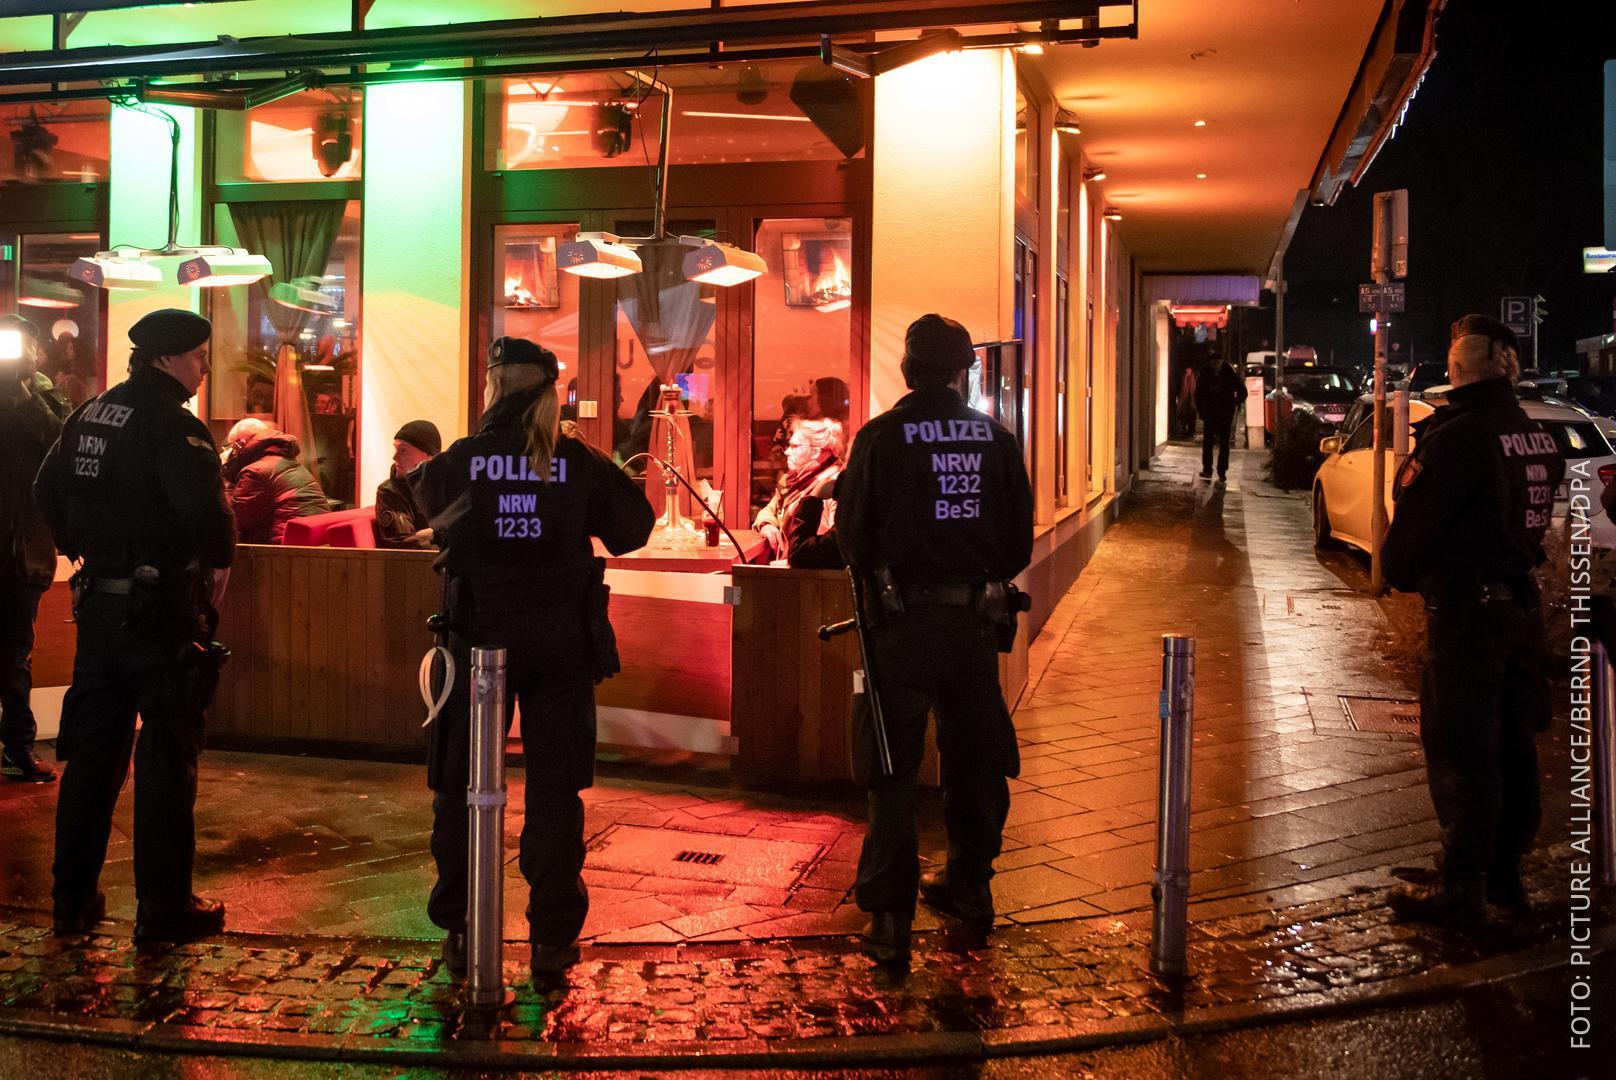 Polizisten sichern eine Razzia in einer Bar in Bochum.